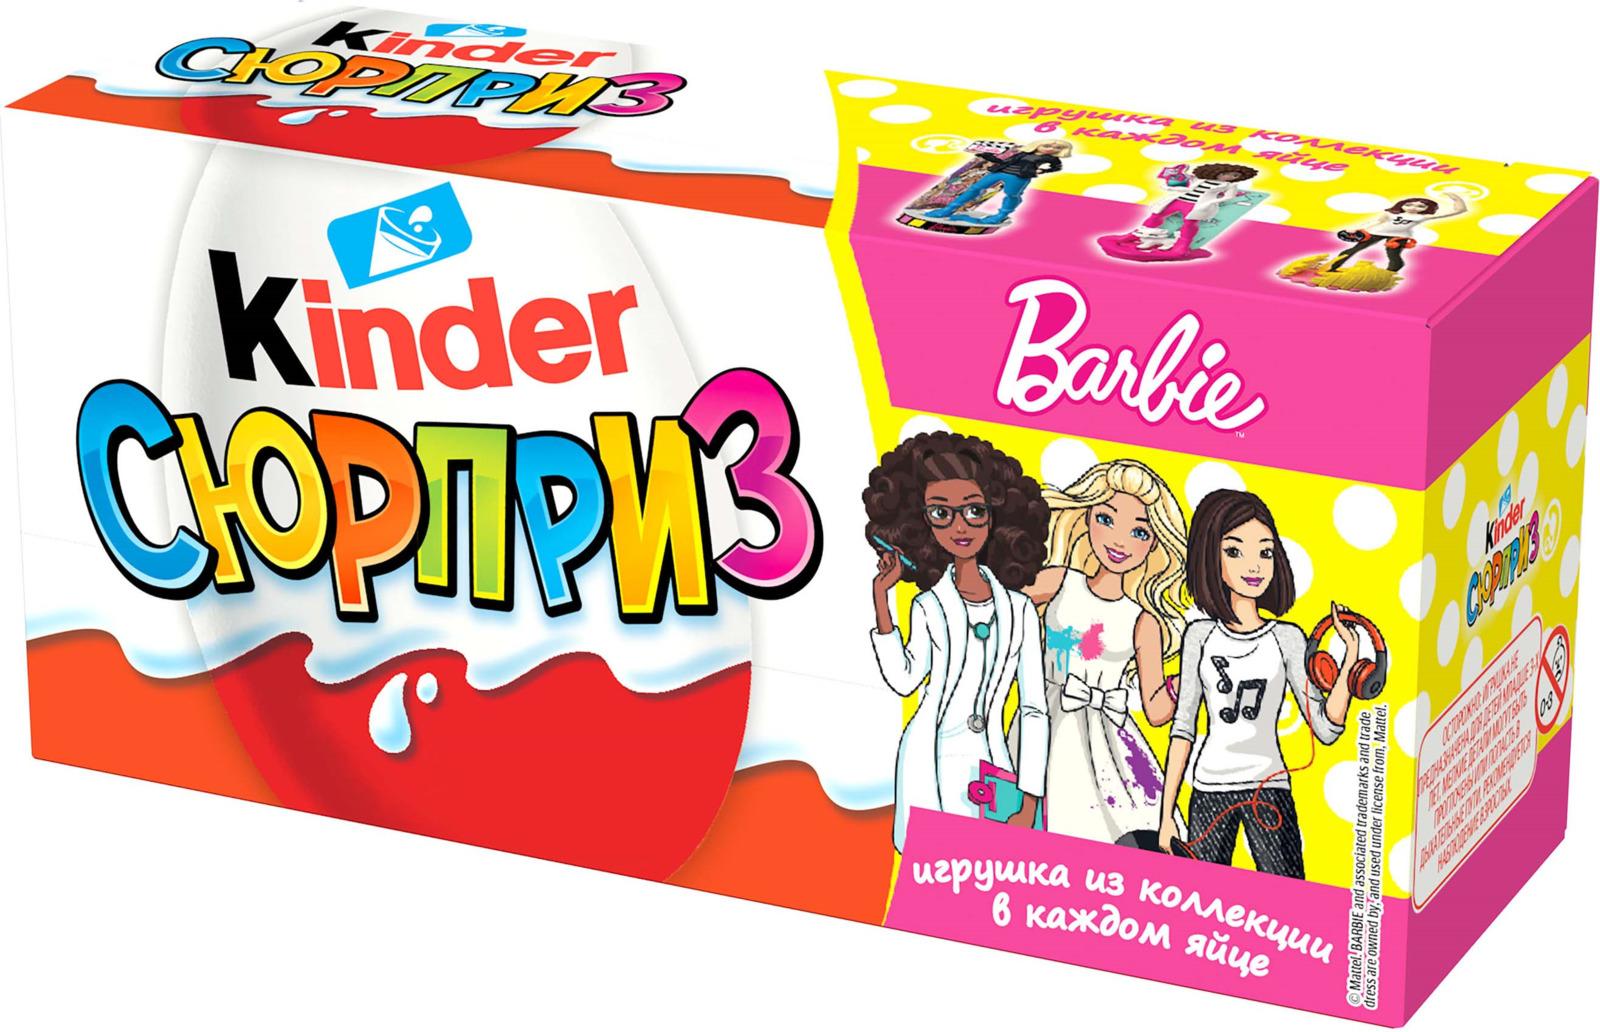 Шоколадное яйцо Kinder Сюрприз Барби, для девочек, из молочного шоколада, c молочным внутренним слоем и игрушкой внутри, 3 шт по 20 г десерты kinder kinder surprise для девочки 20 г